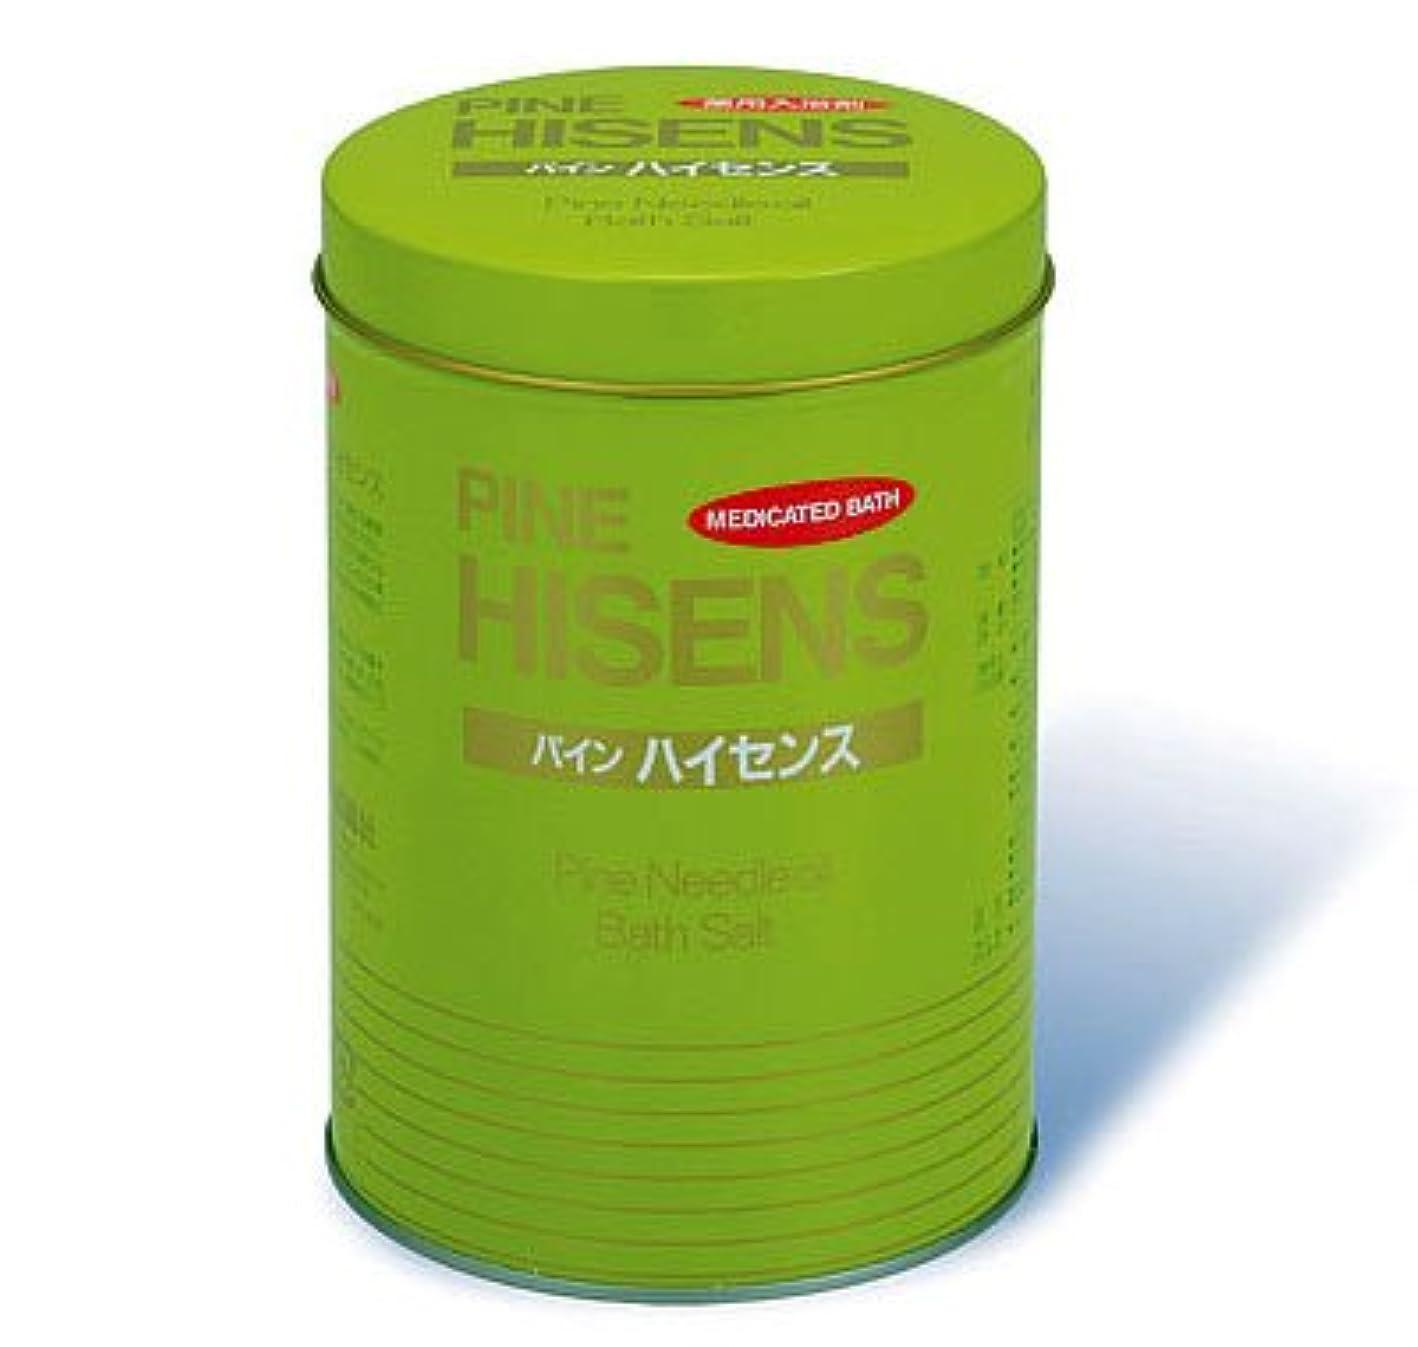 ヒューバートハドソン報いる干し草高陽社 薬用入浴剤 パインハイセンス 2.1kg 1缶